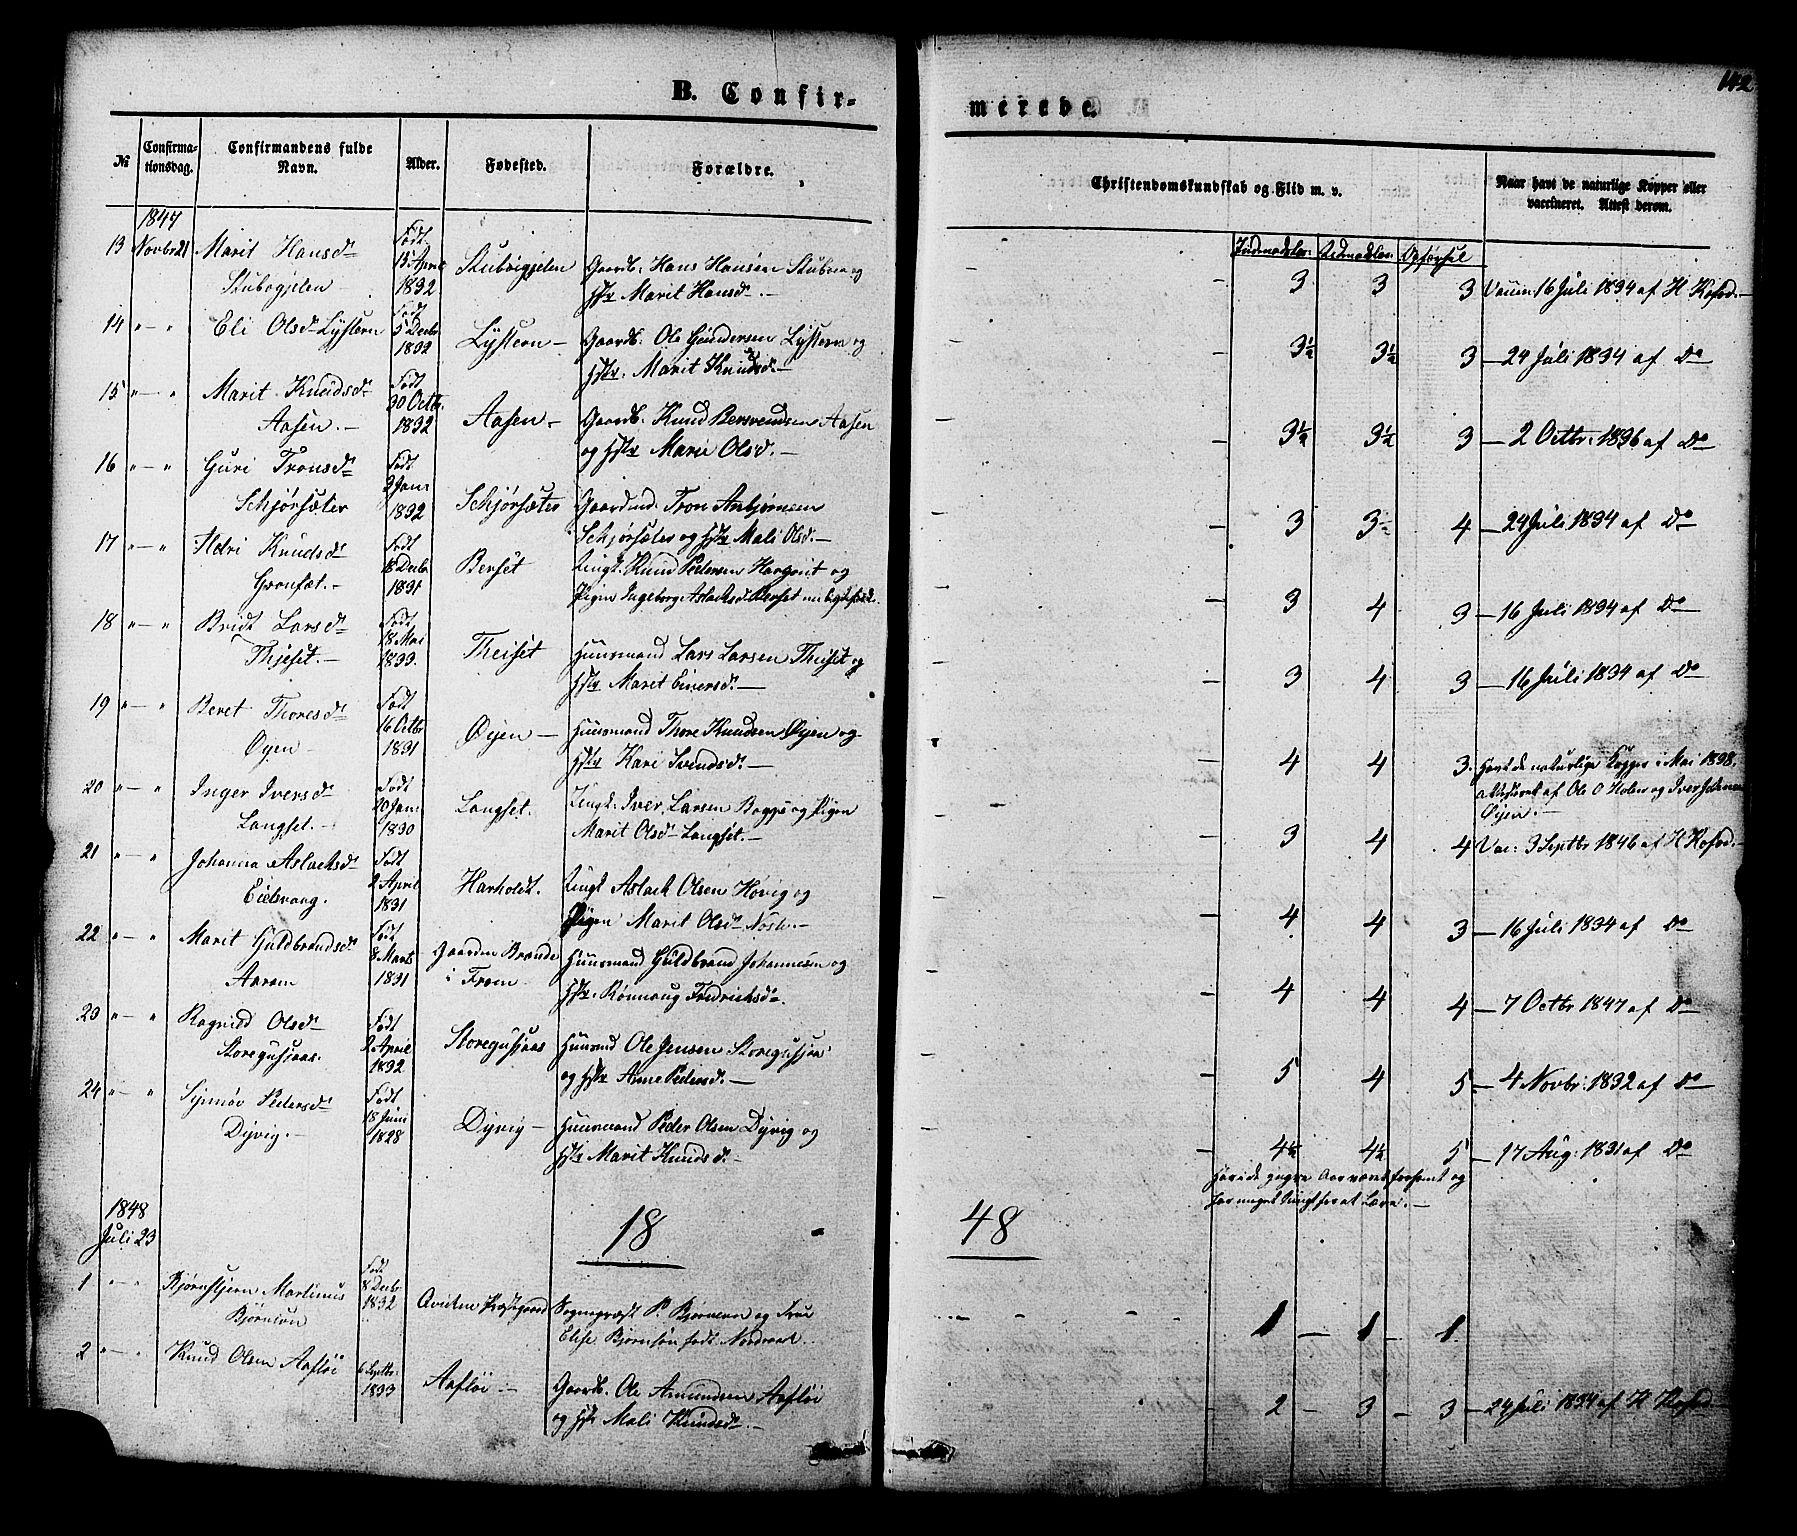 SAT, Ministerialprotokoller, klokkerbøker og fødselsregistre - Møre og Romsdal, 551/L0625: Ministerialbok nr. 551A05, 1846-1879, s. 142